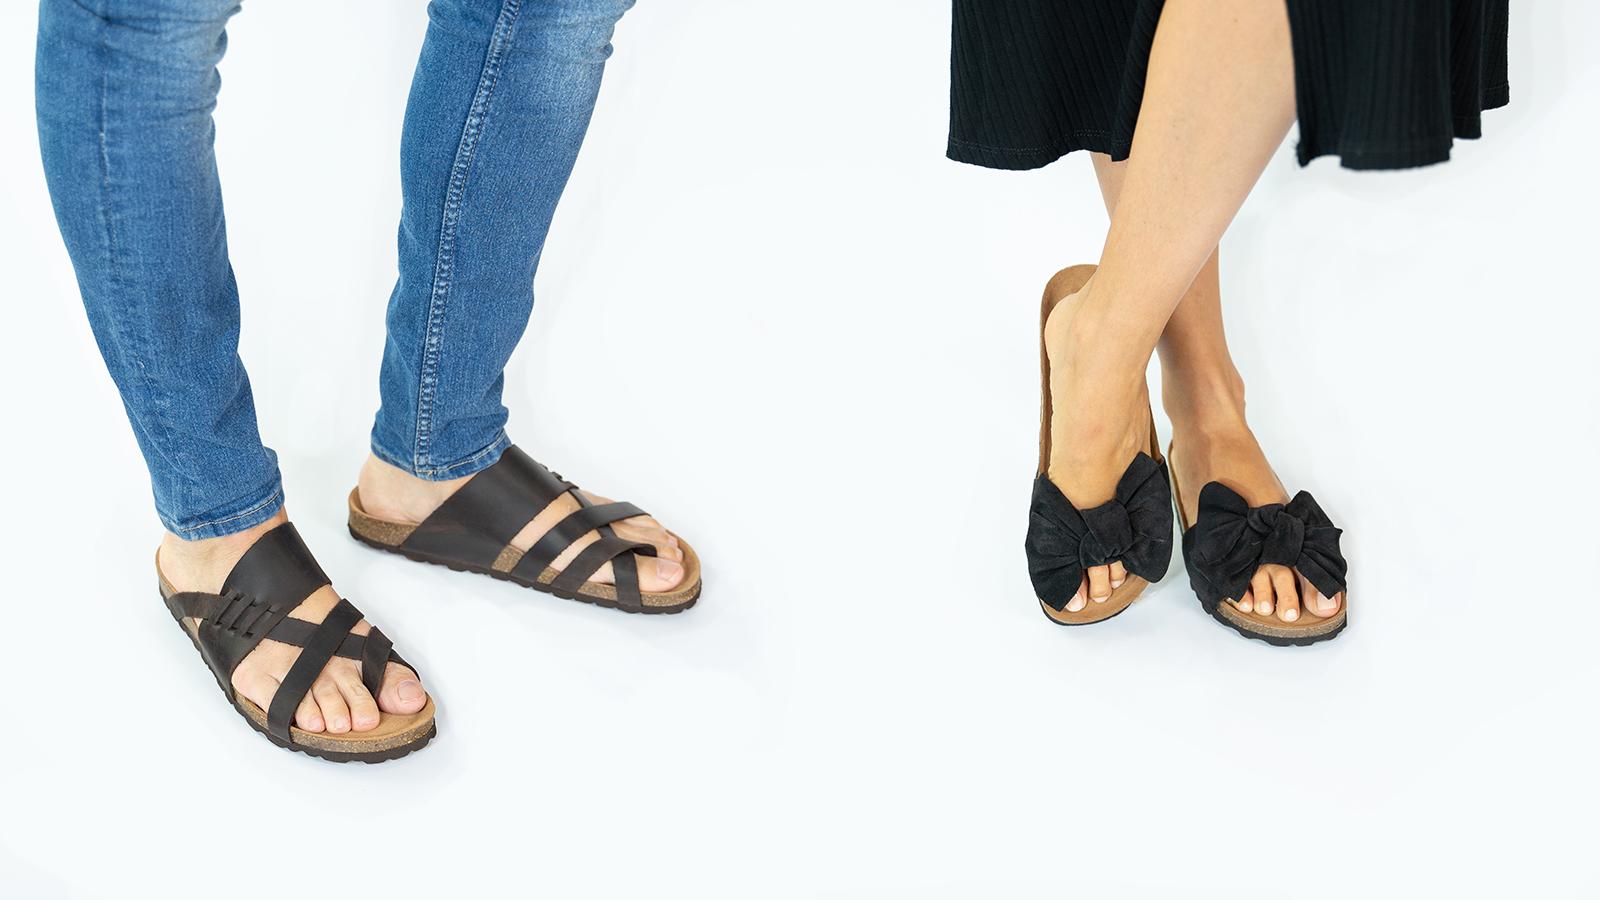 Producción de fotografía de calzado en Alicante para la nueva colección de Autenti Shoes